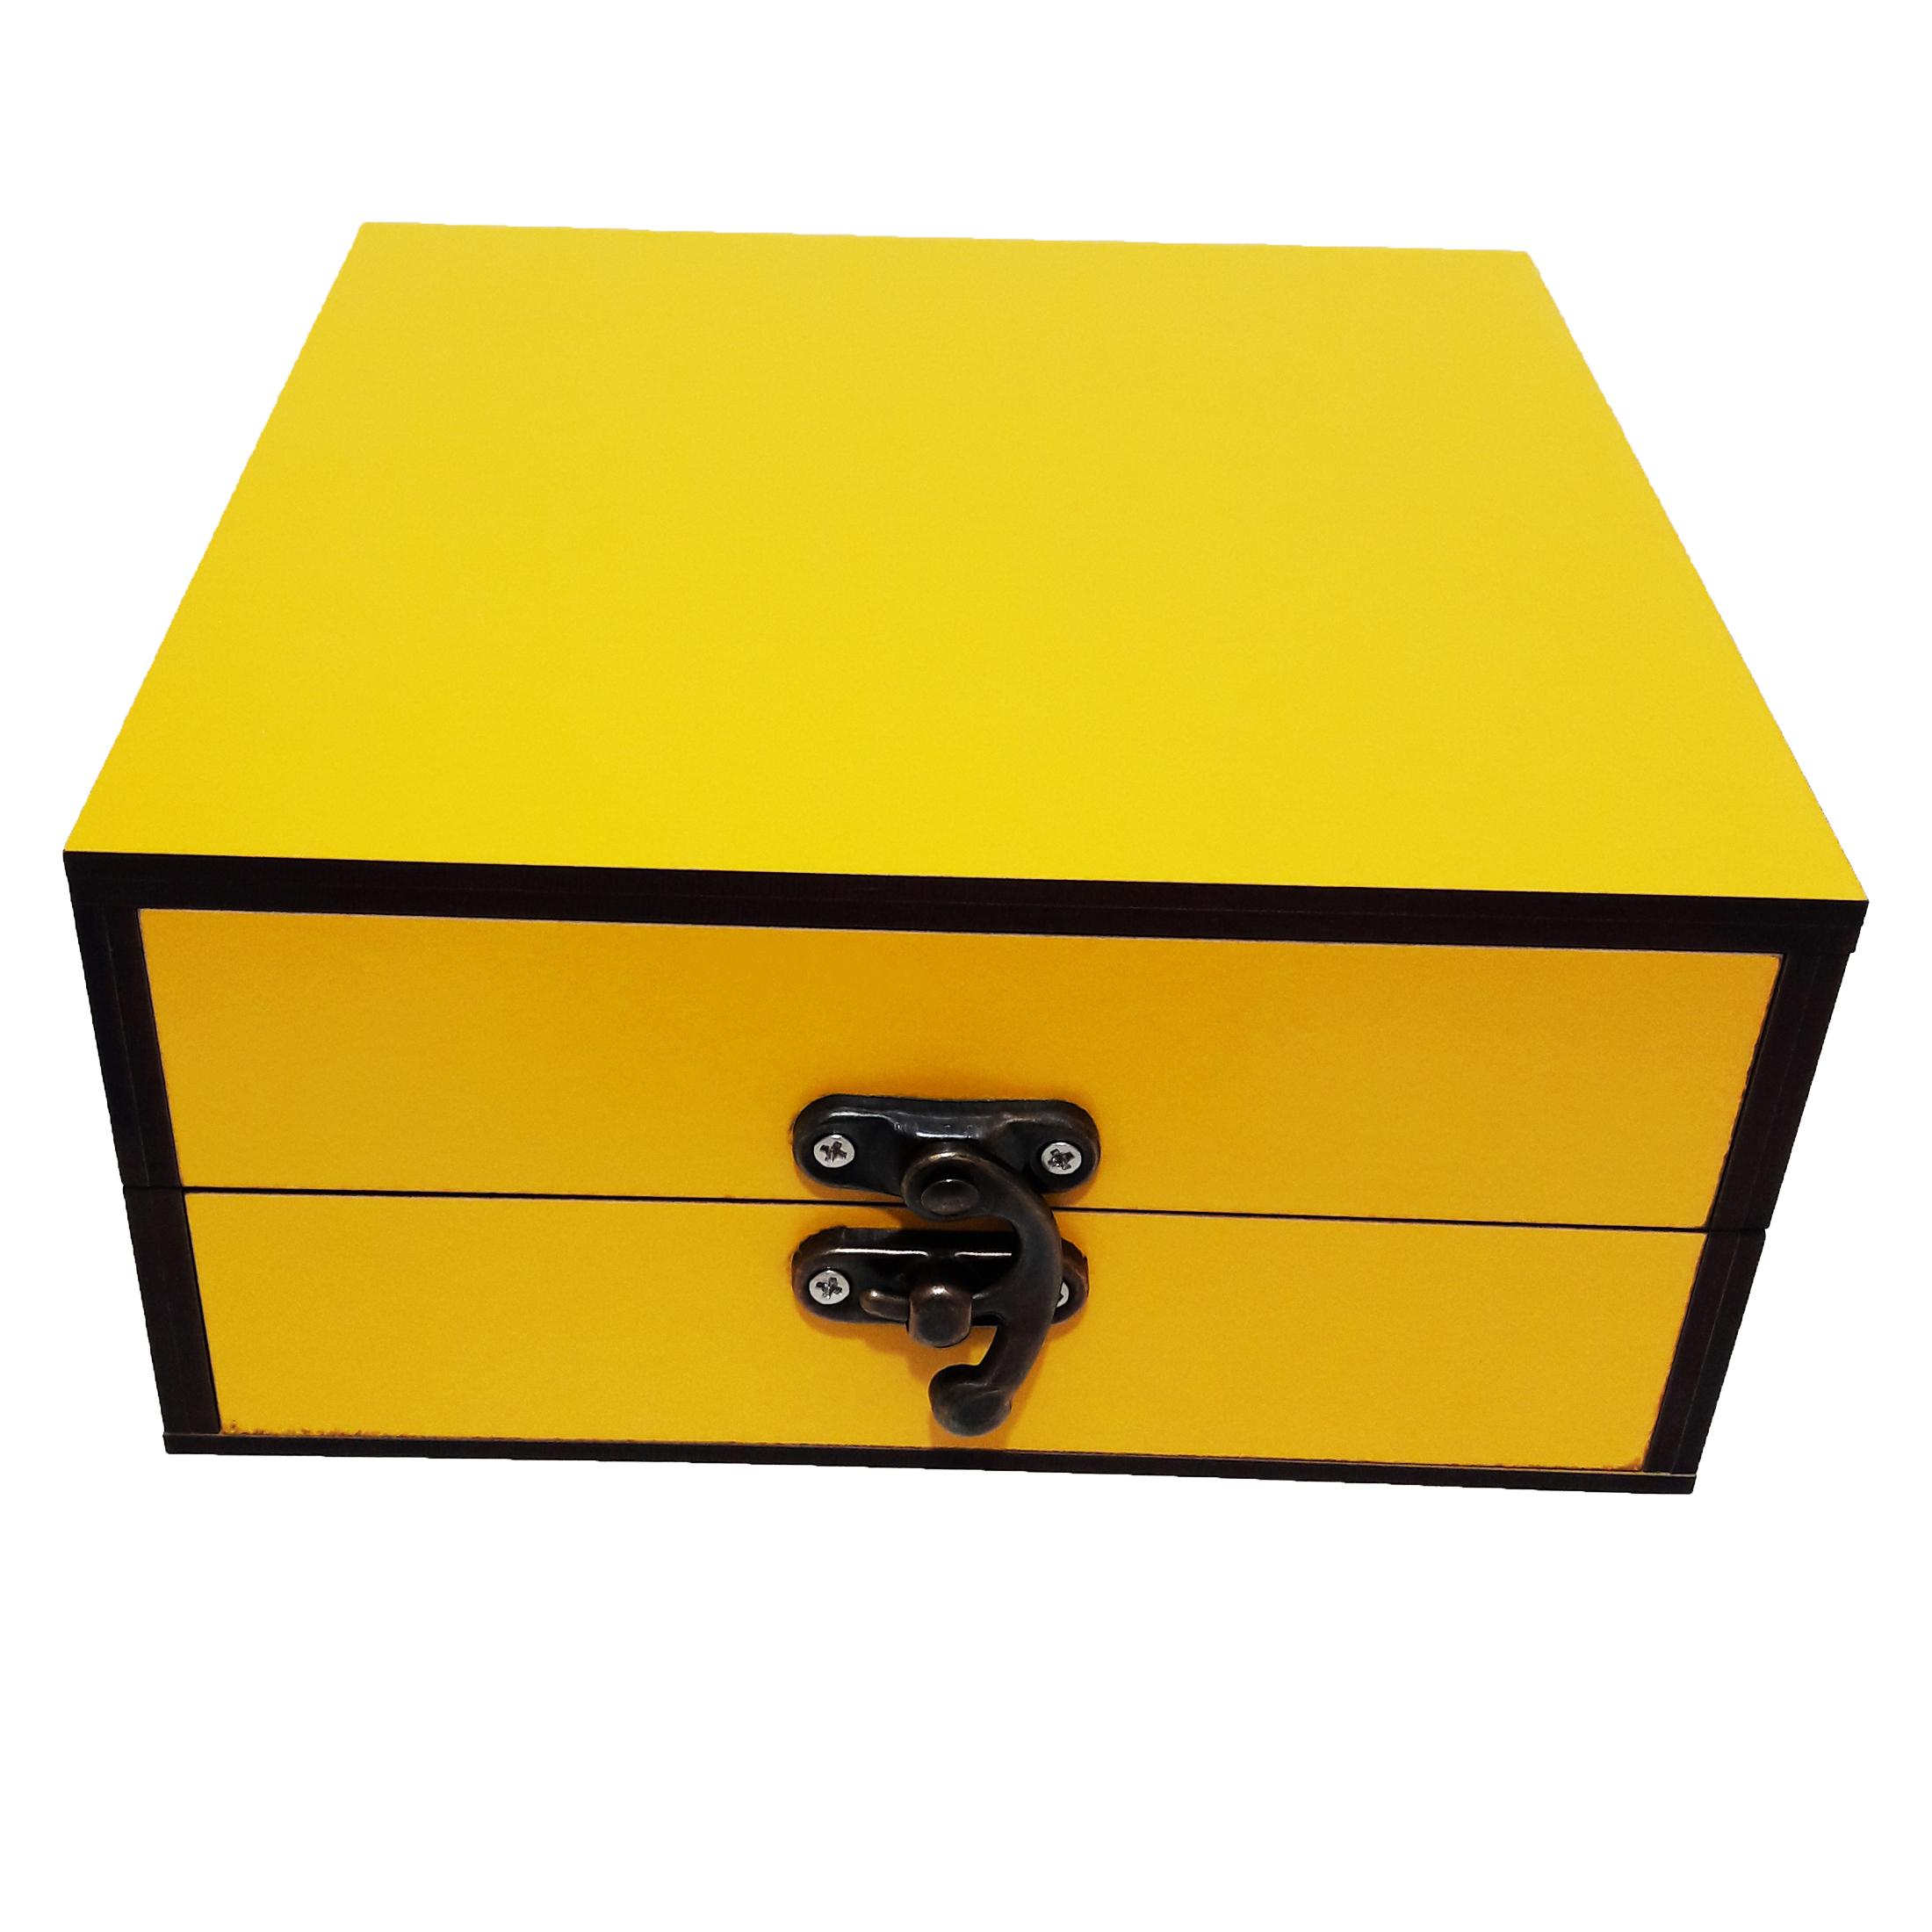 جعبه هدیه چوبی کادو آیهان باکس مدل 39